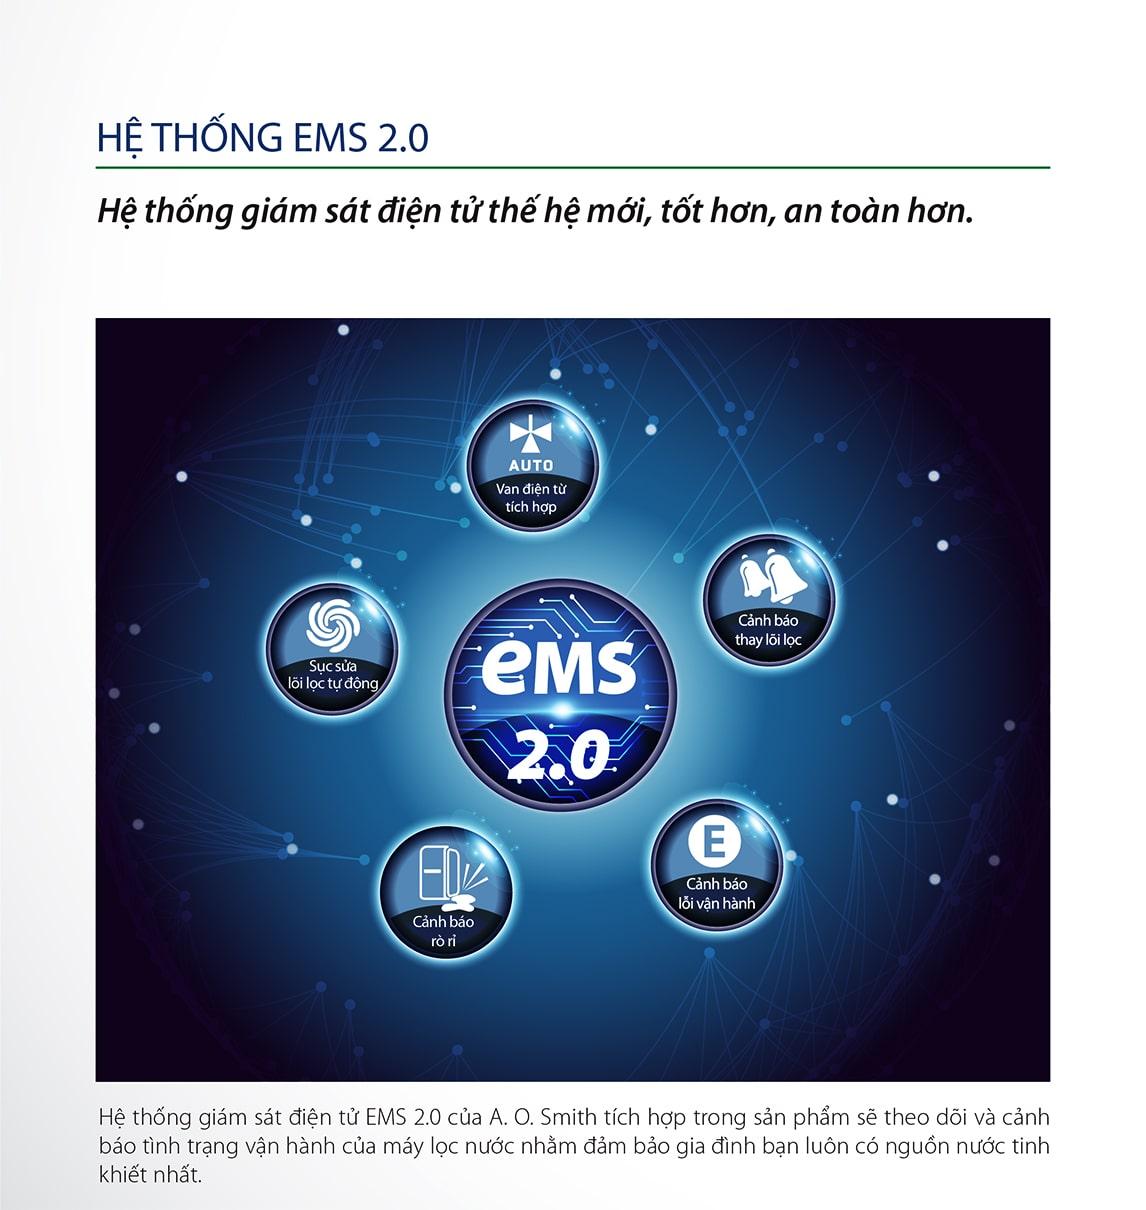 Máy lọc Aosmith E2 có hệ thống giám sát điện tử thông minh EMS 2.0